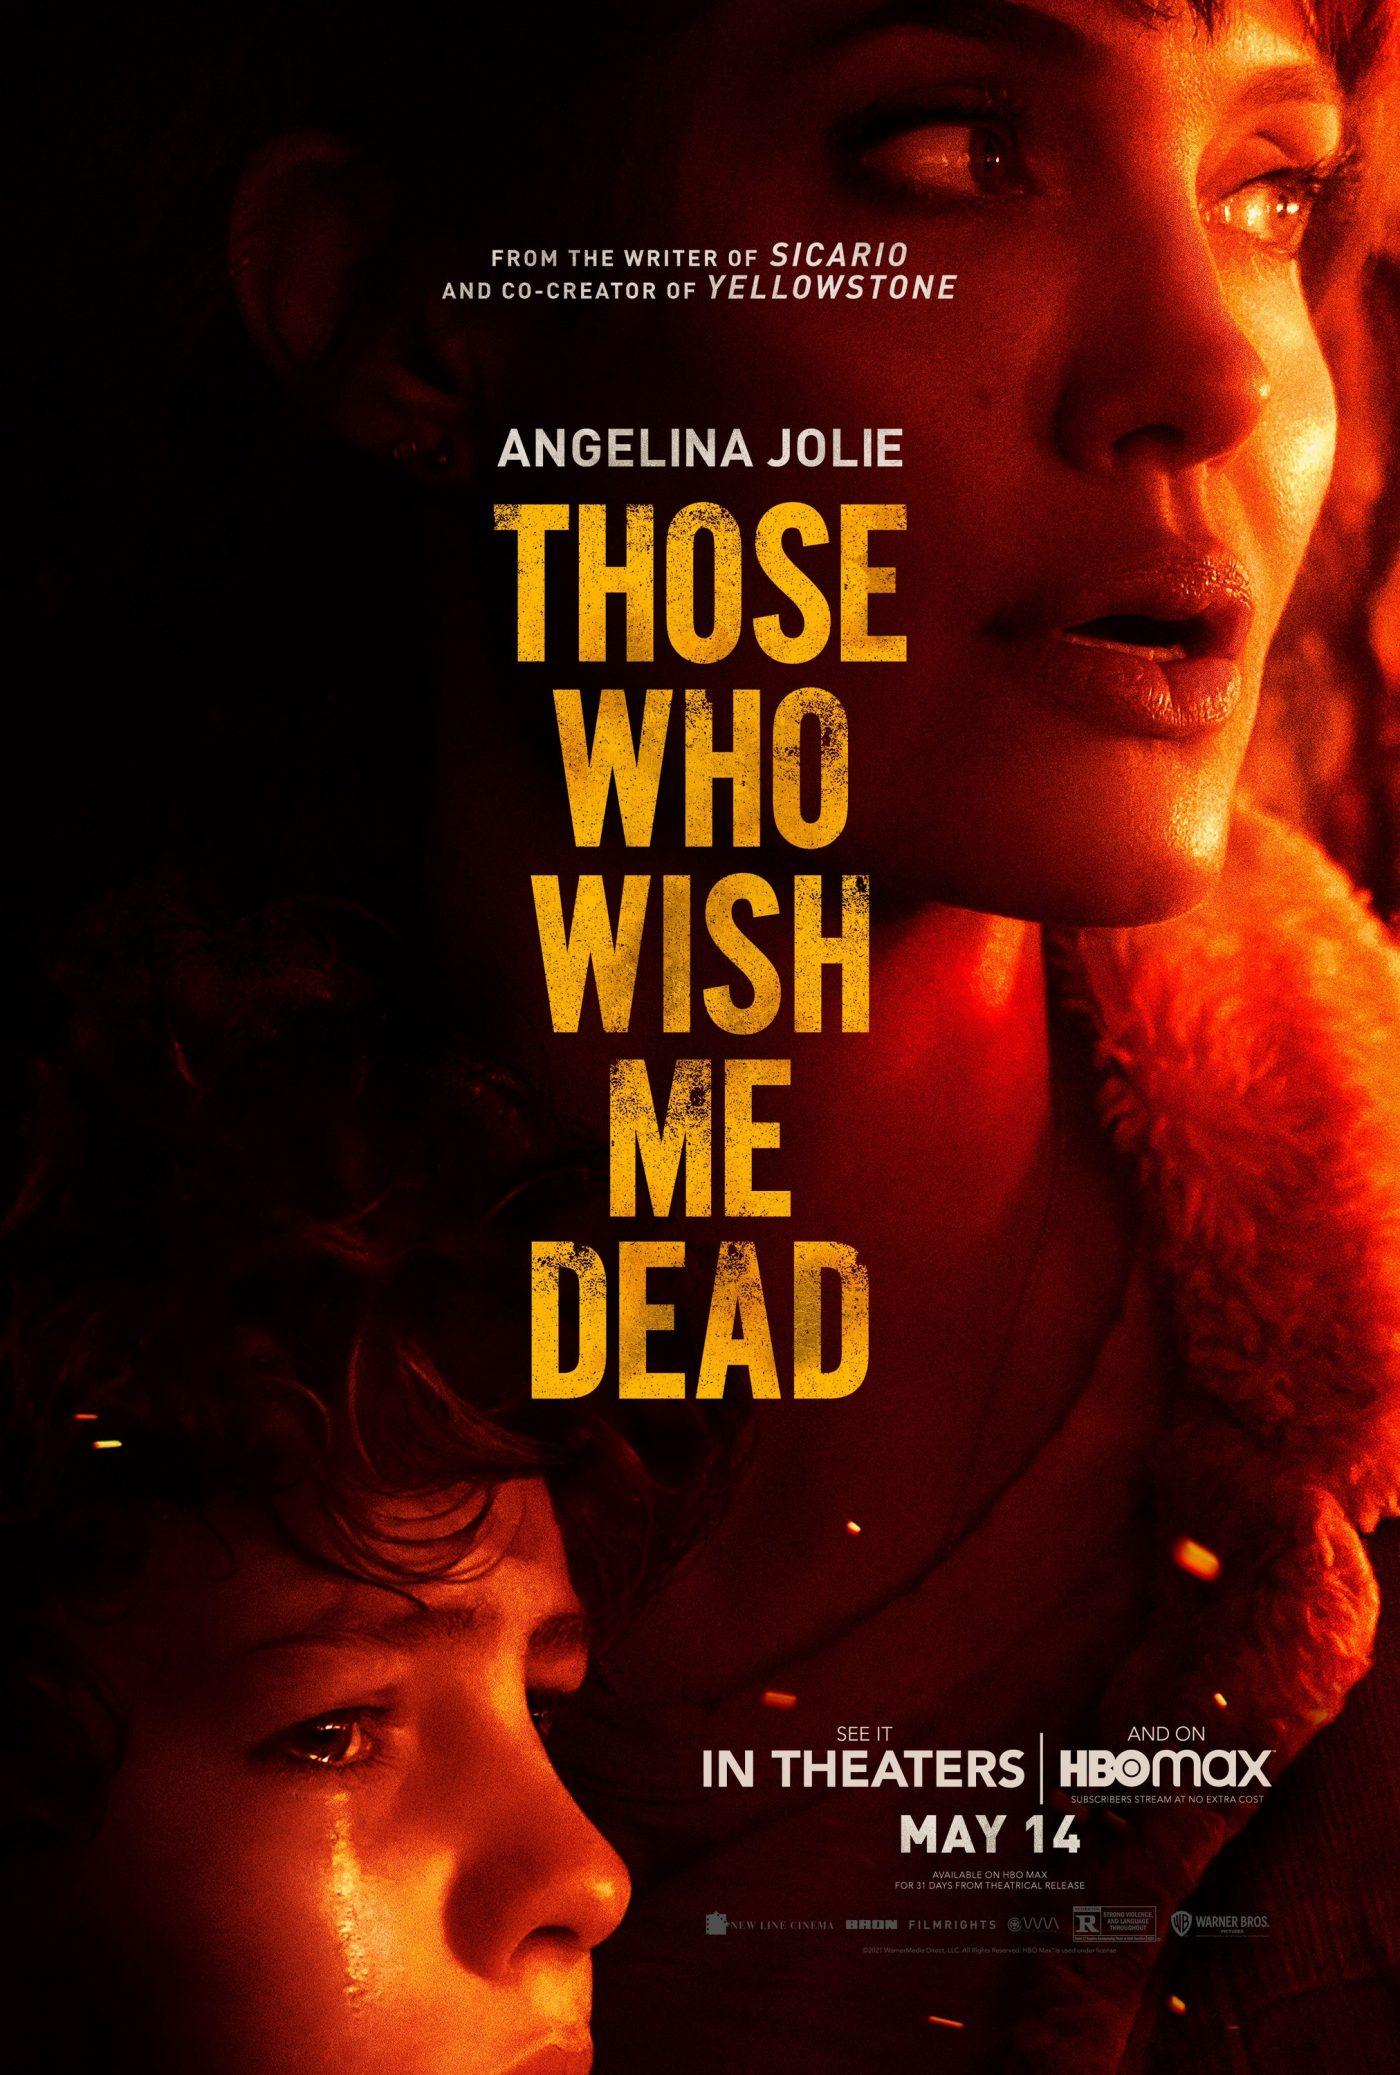 Those Who Wish Me Dead - Angelina Jolie